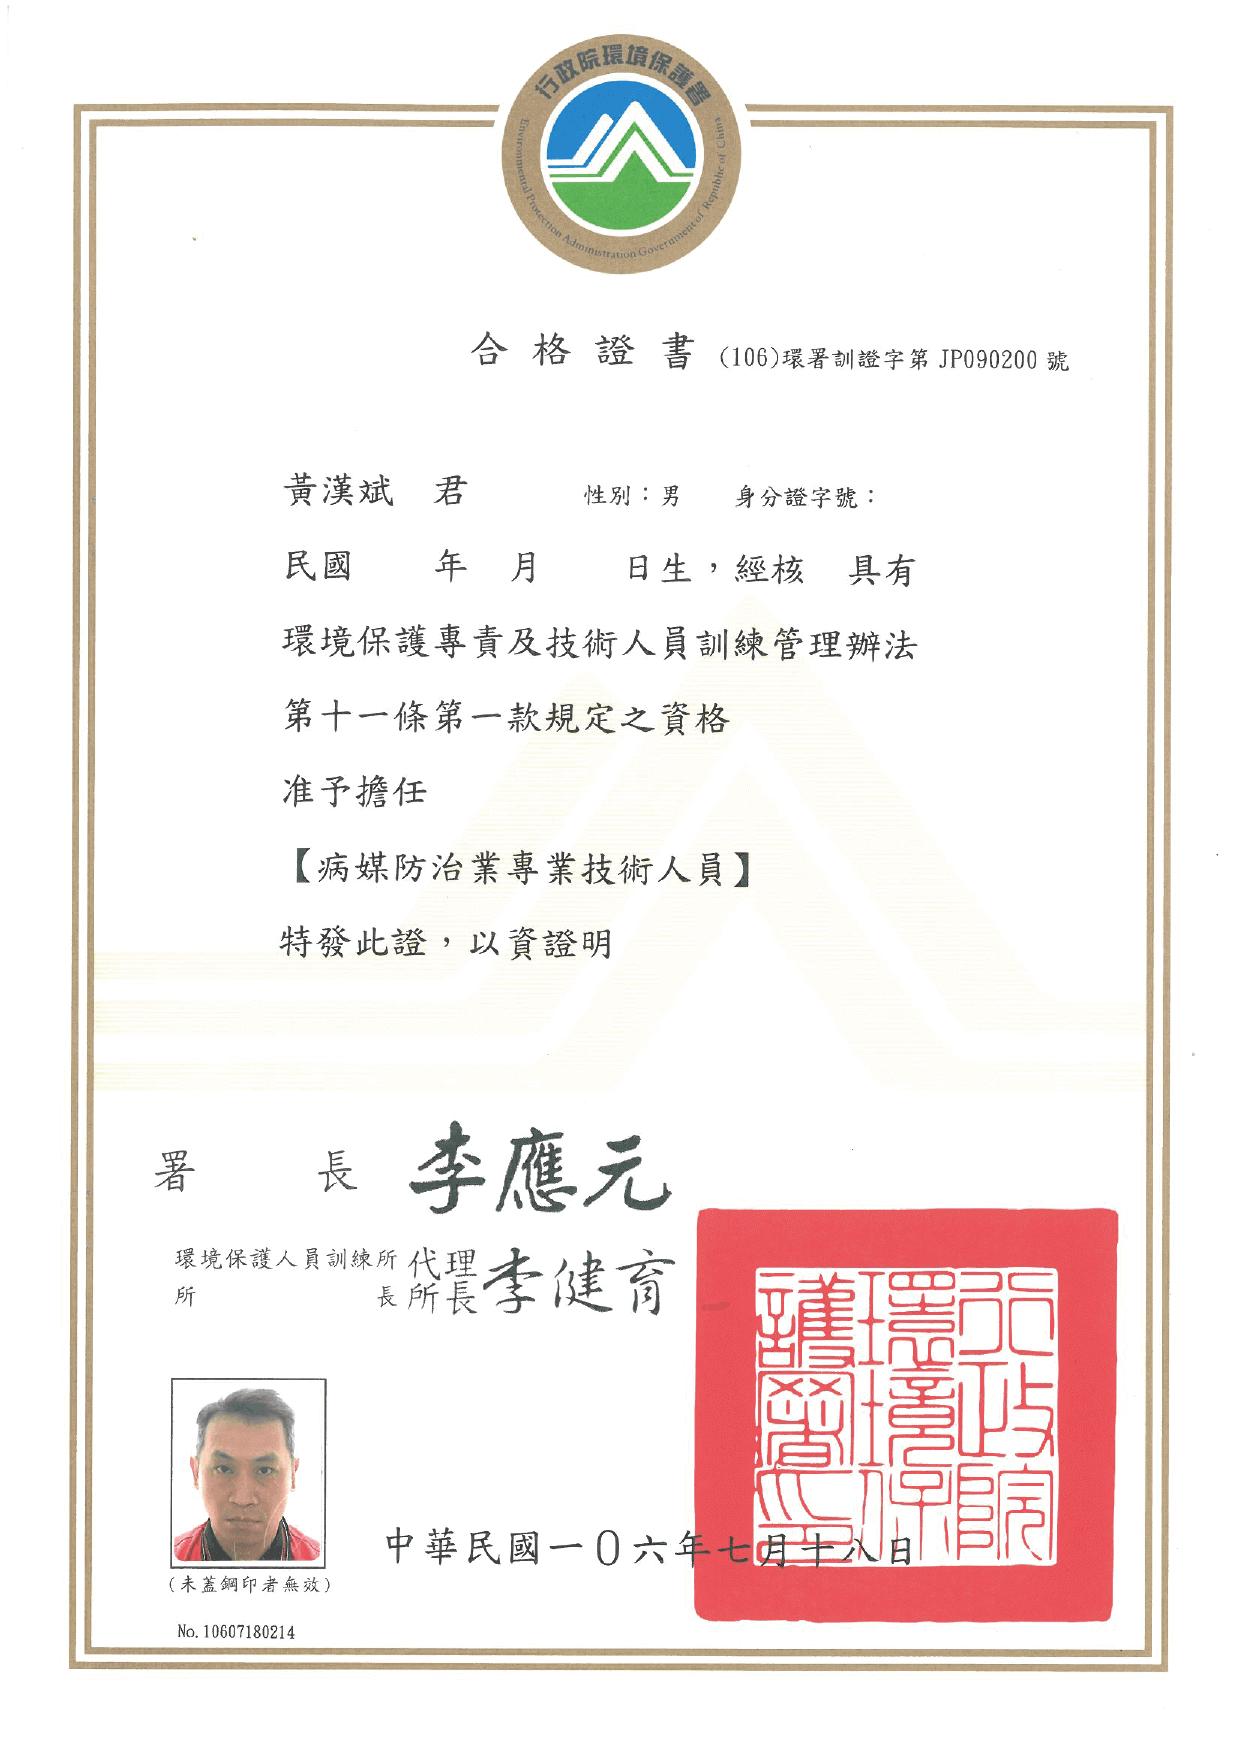 病媒防治人員合格證書_黃漢斌